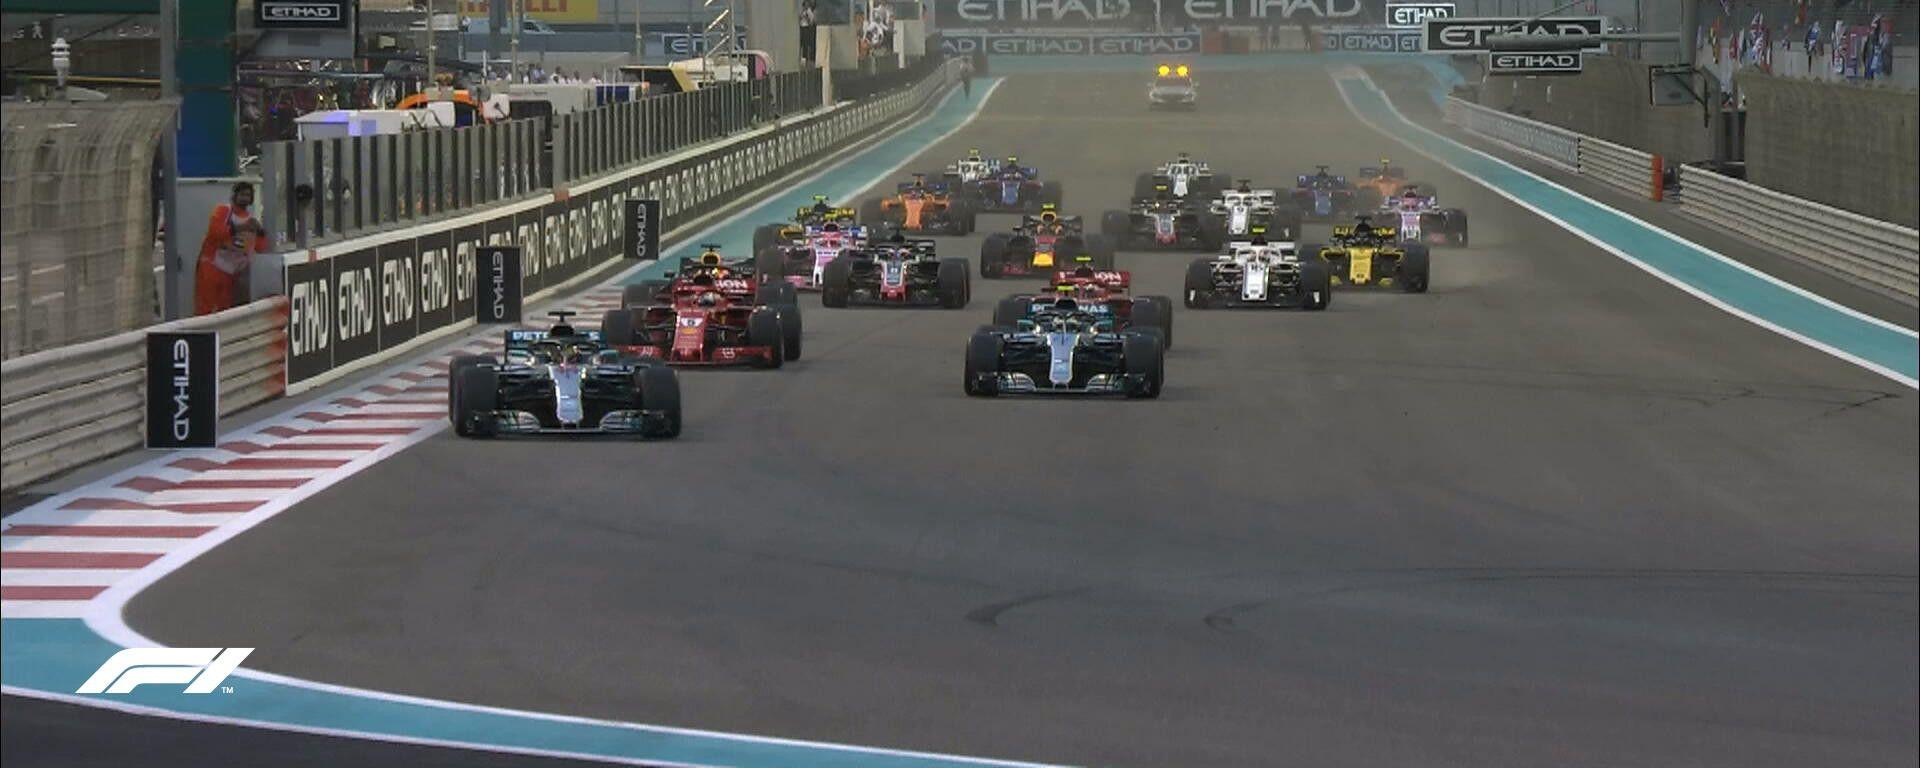 F1 2018, la partenza del Gran Premio di Abu Dhabi